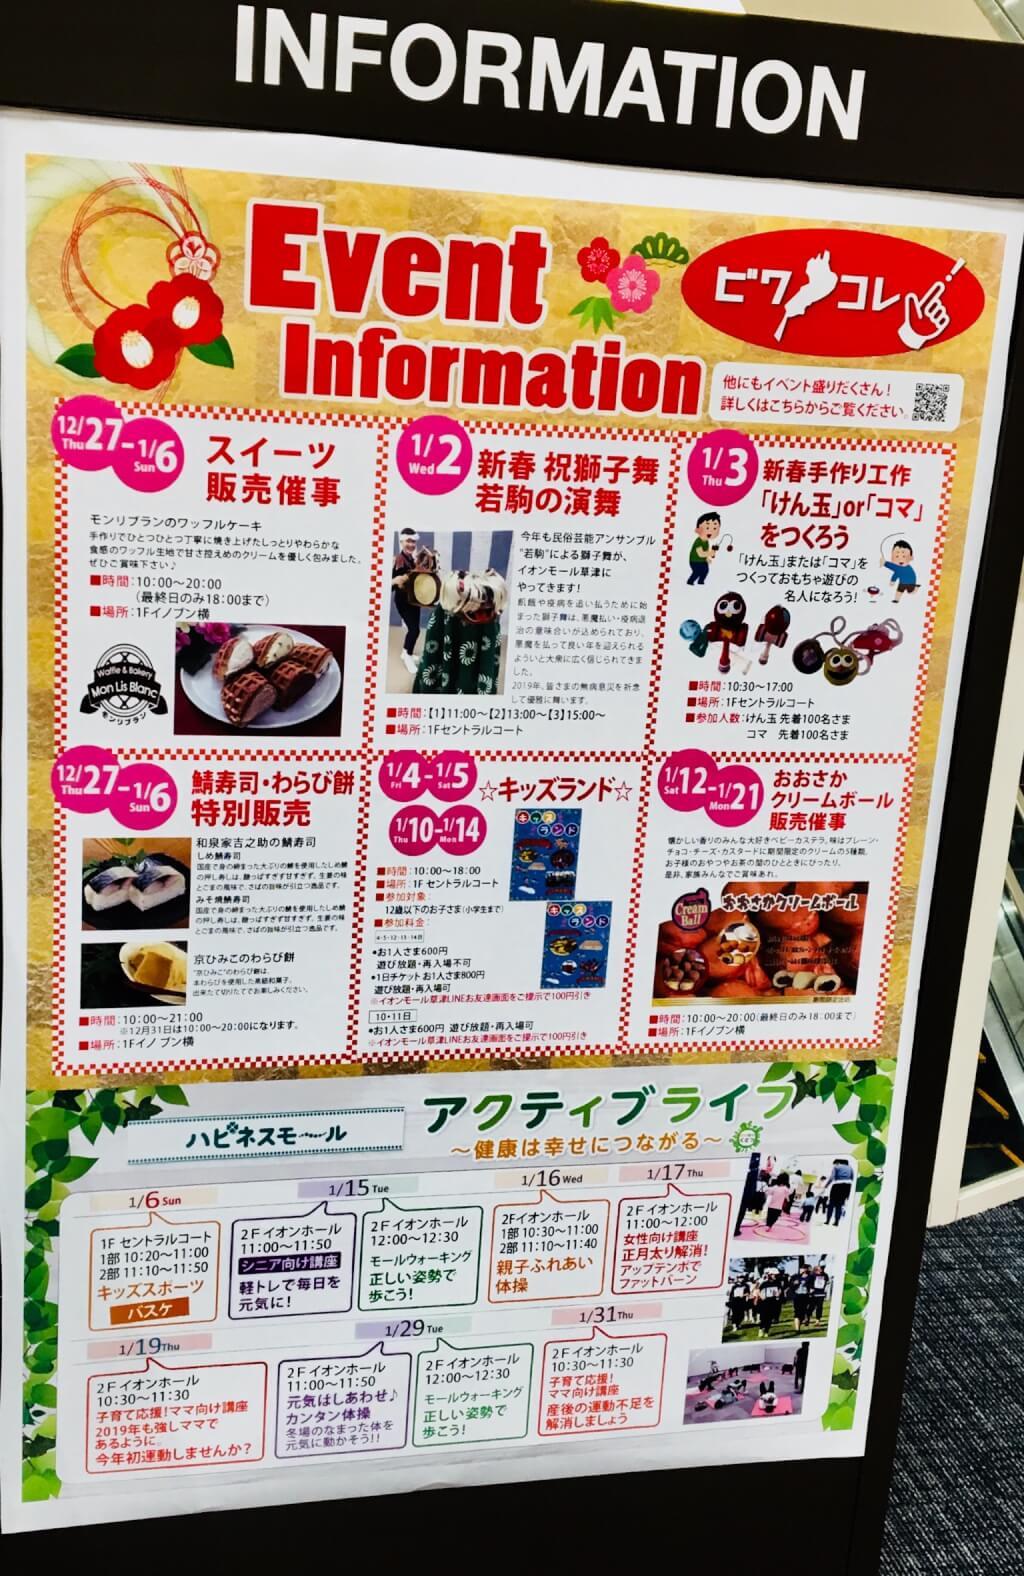 イオン新春イベント